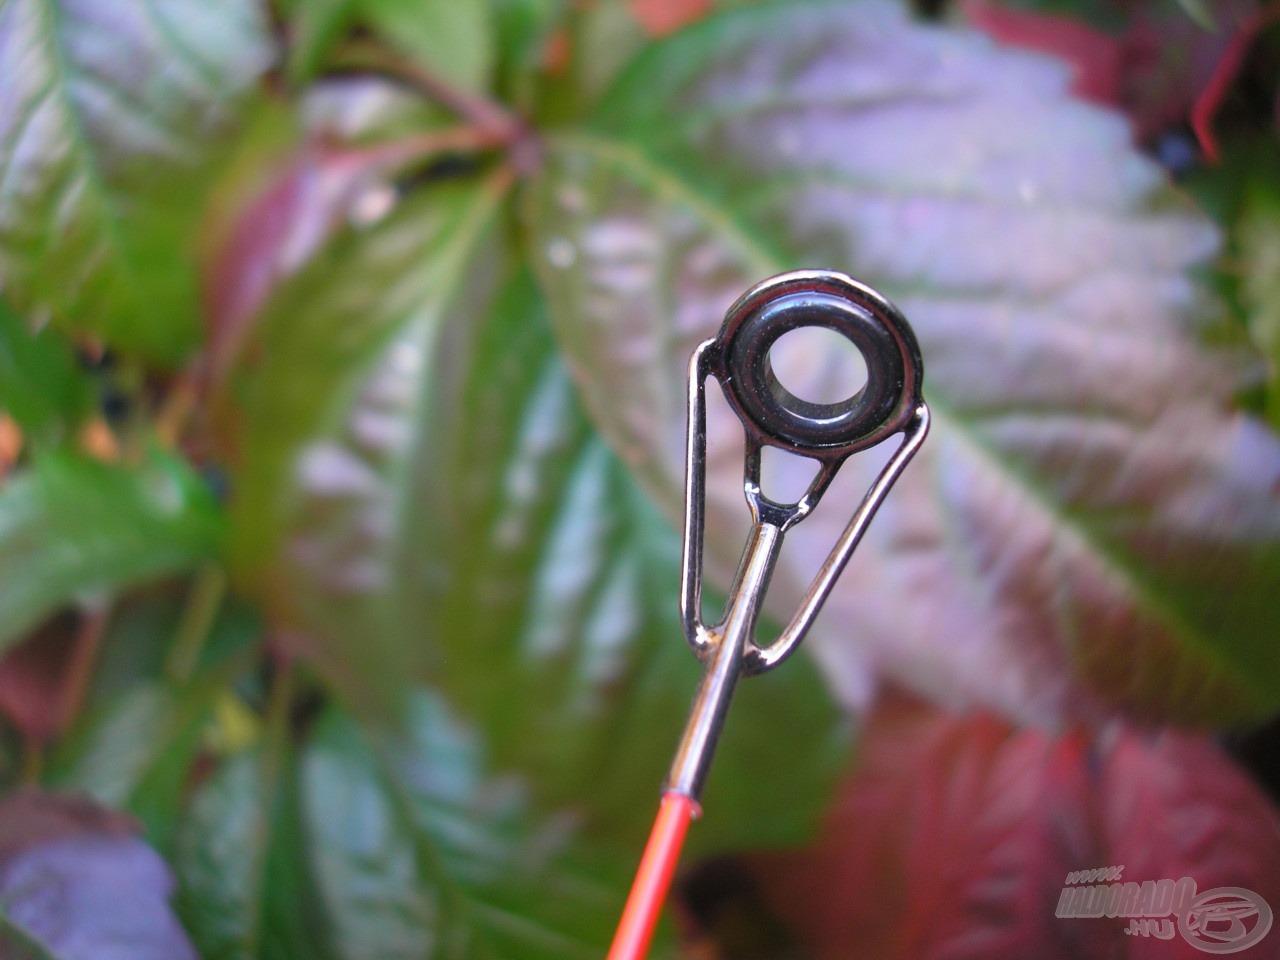 Nagyméretű gyűrűk a rezgőspiccen, mely dobásnál és fárasztásnál is csupa előnnyel jár, illetve a folyóvízi feederezést is pozitívan szolgálja